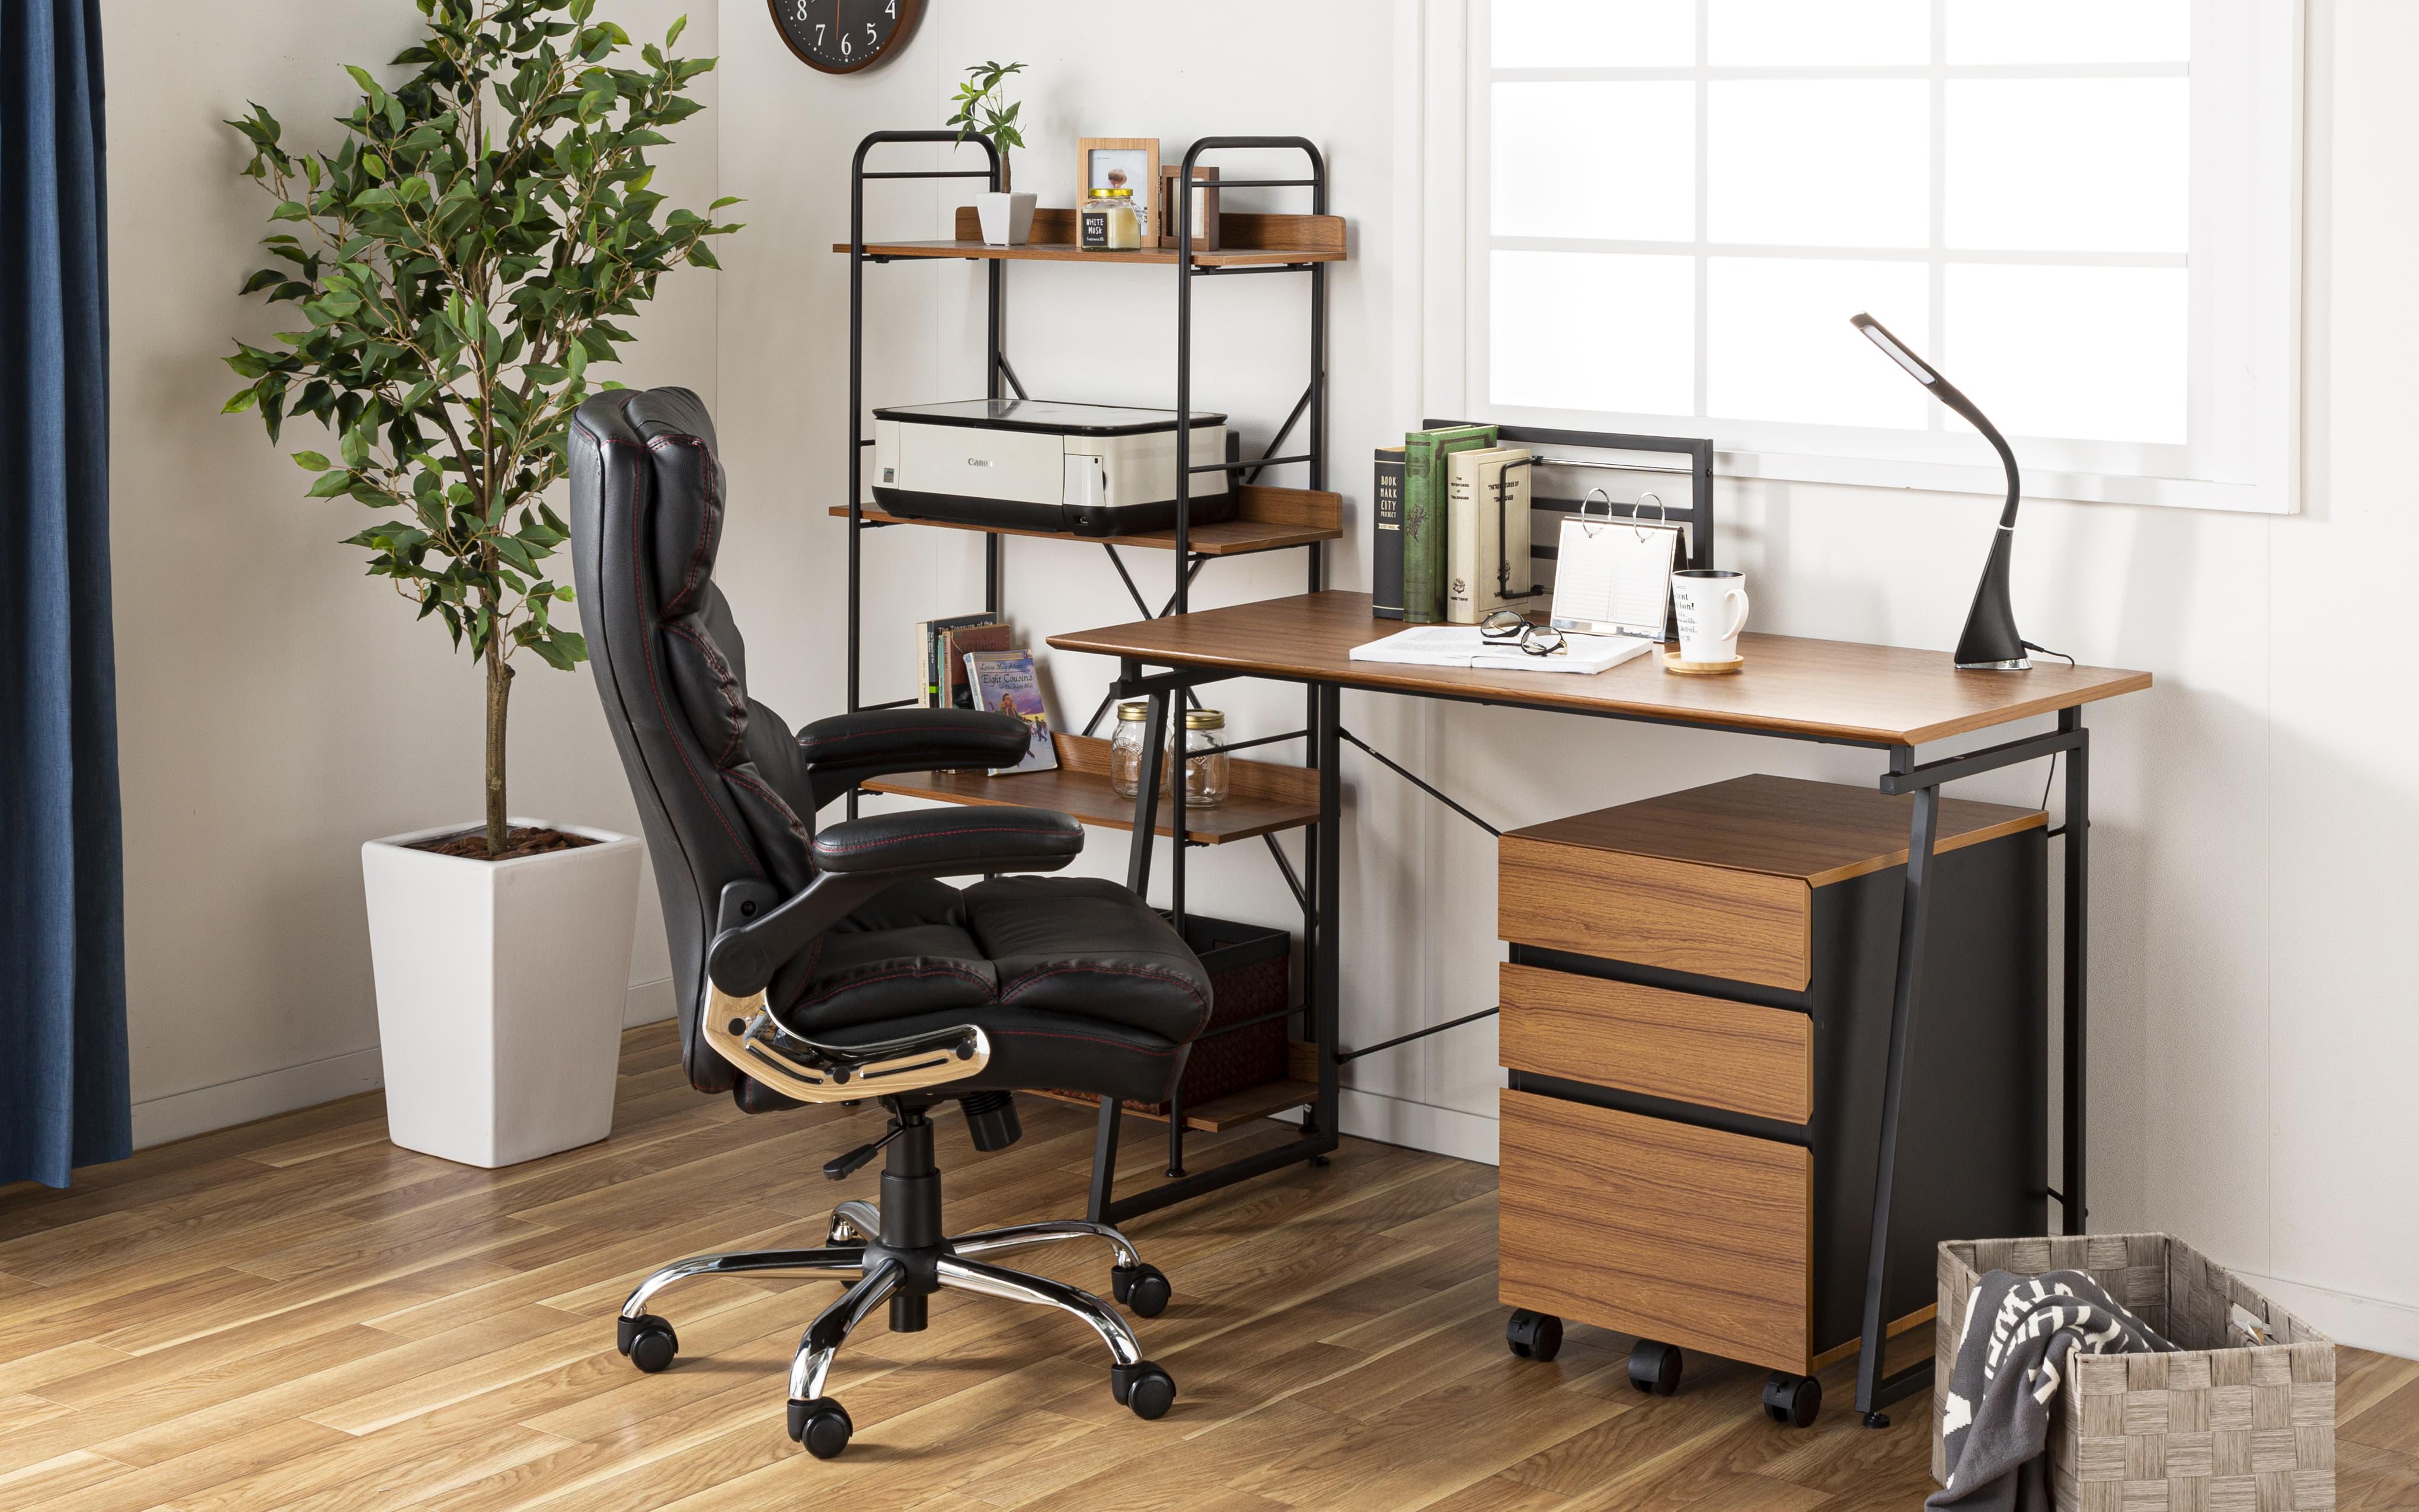 ゆったり座れるマネージャーチェア ブラウン BMC−BR ブラウン:ソファのような座り心地